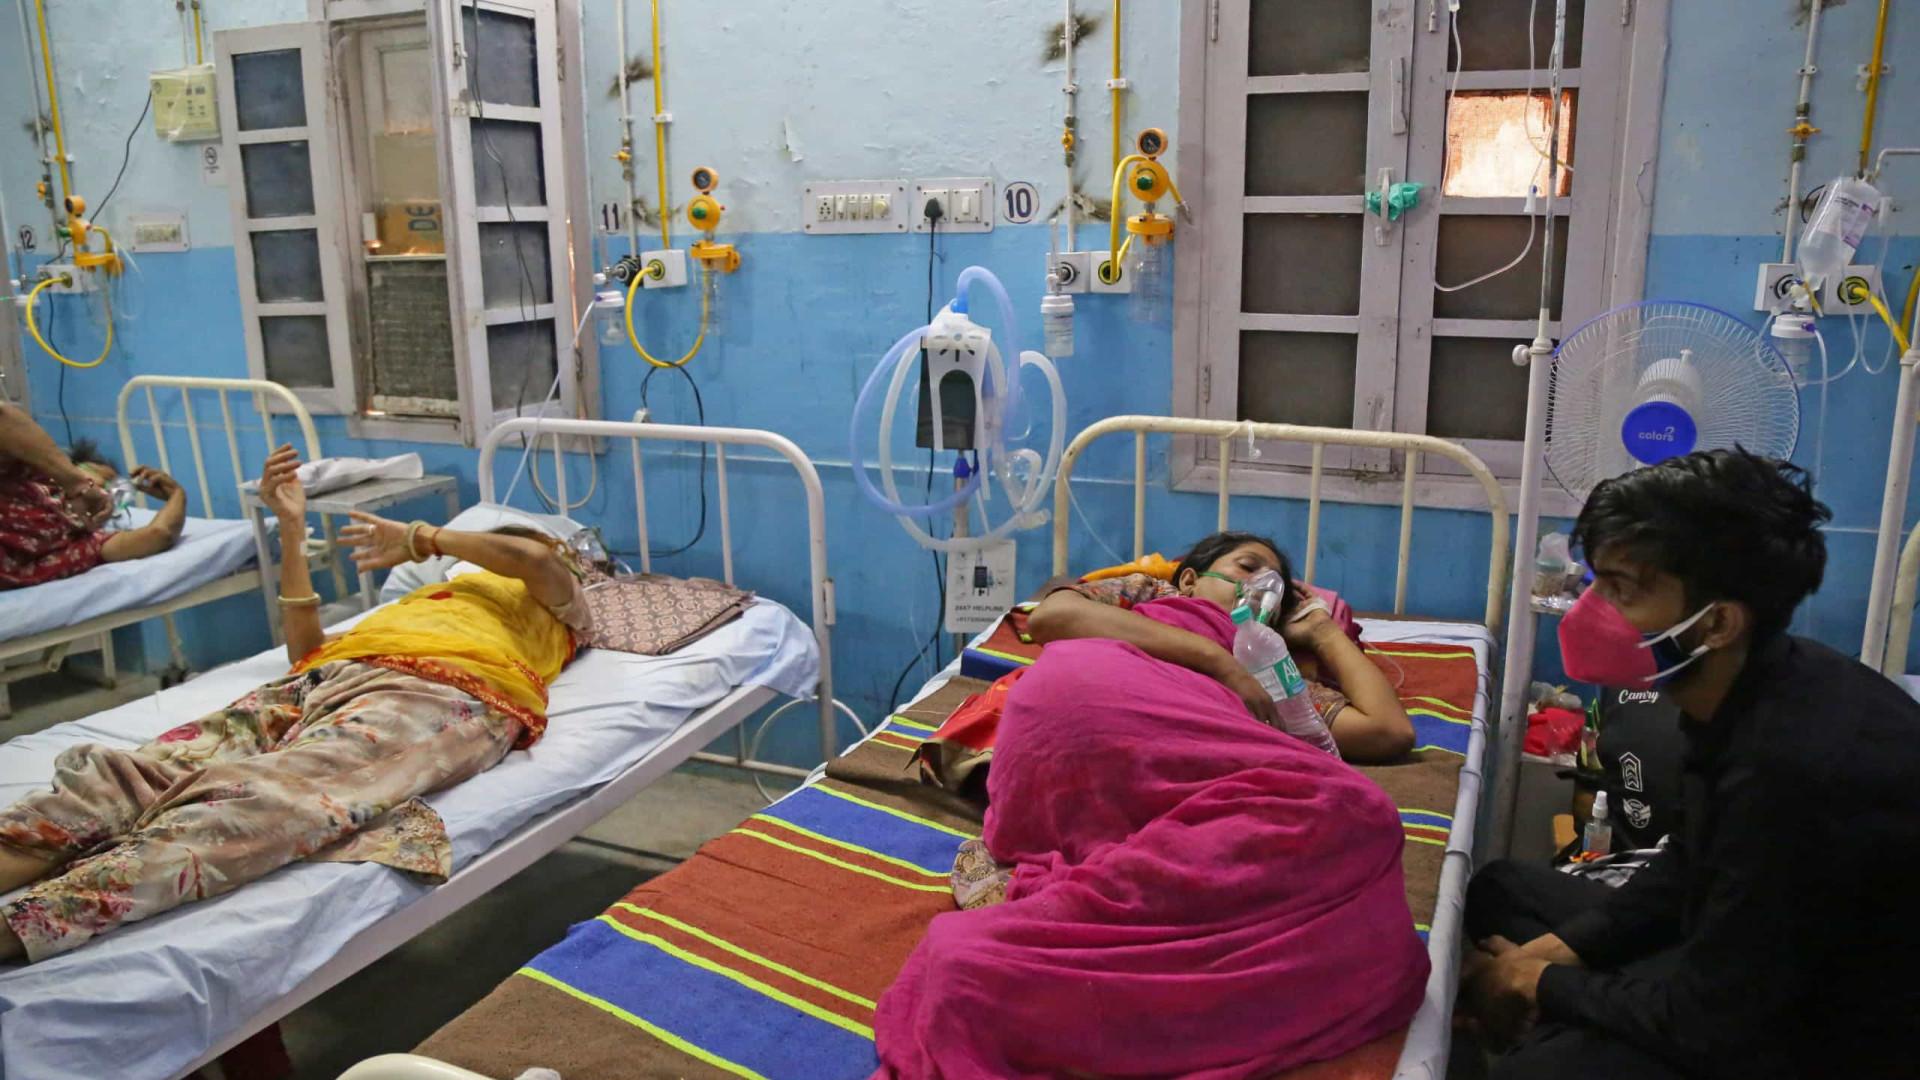 Índia bate novo recorde de mortes por Covid após revisão em estado acusado de subnotificação